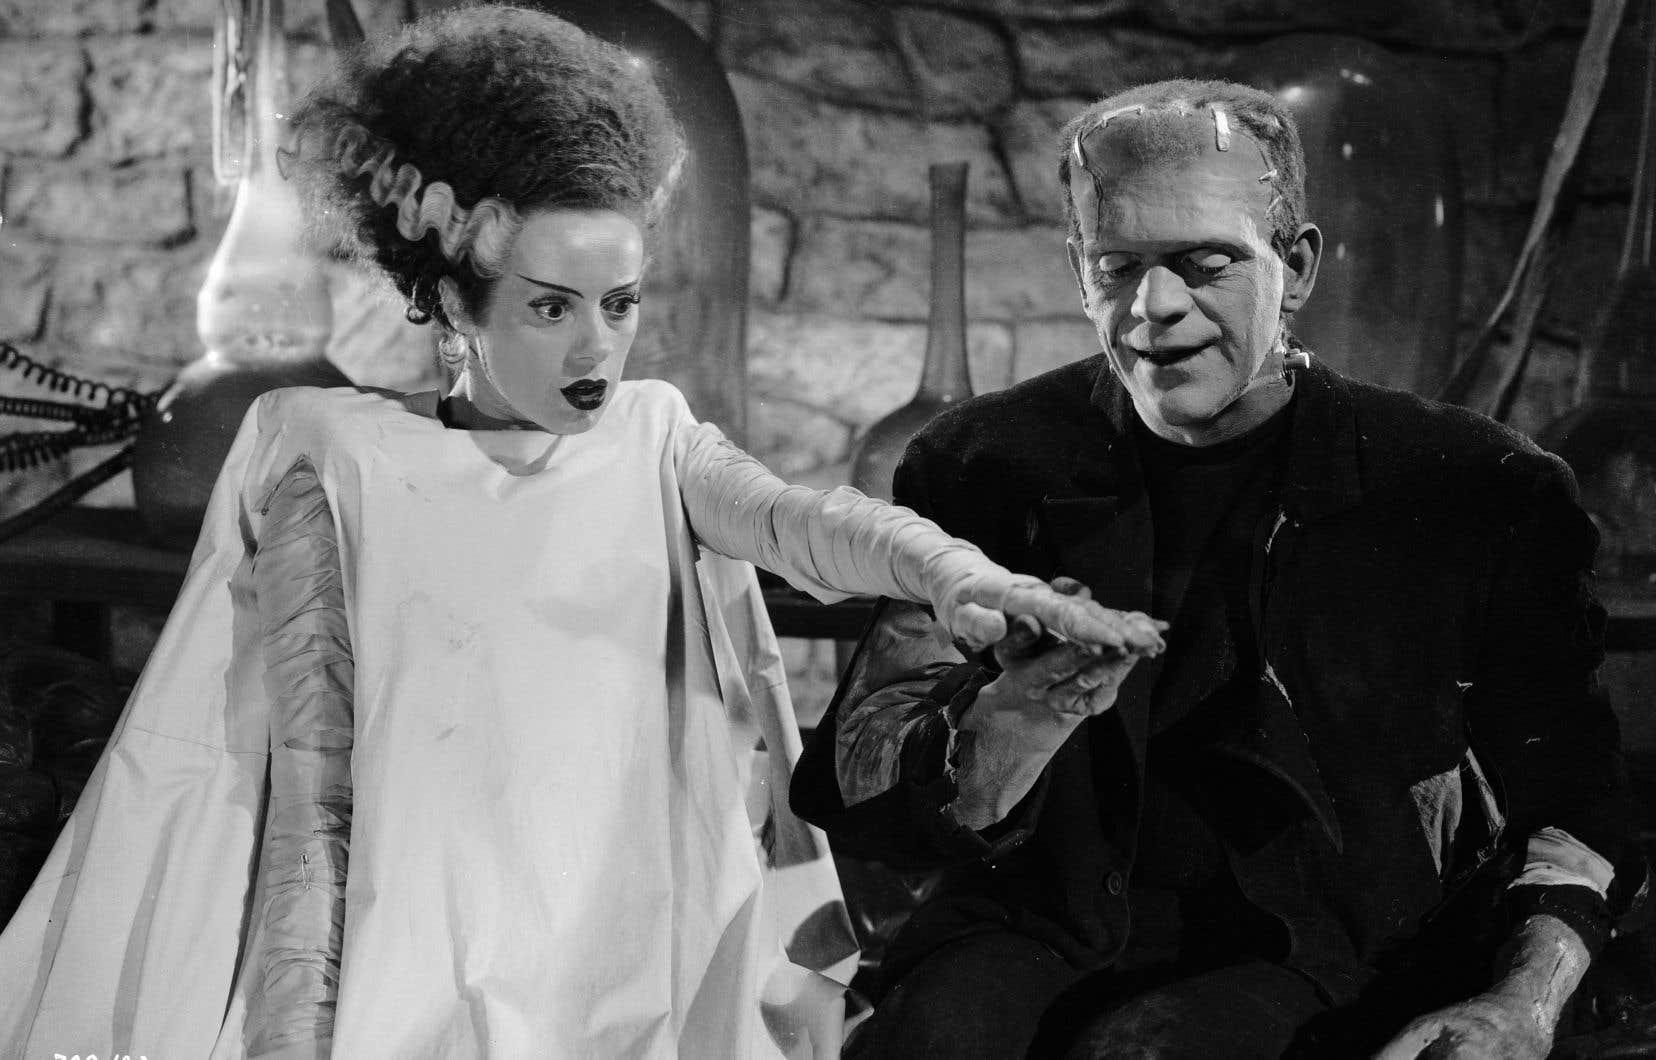 La première partition hollywoodienne (1935) de Franz Waxman est aussi l'un de ses chefs-d'œuvre: «La fiancée de Frankenstein» de James Whale. Pour créer une atmosphère angoissante et irréelle, Waxman utilisa un instrument récent: le thérémine. Ici, les acteurs Elsa Lanchester et Boris Karloff.